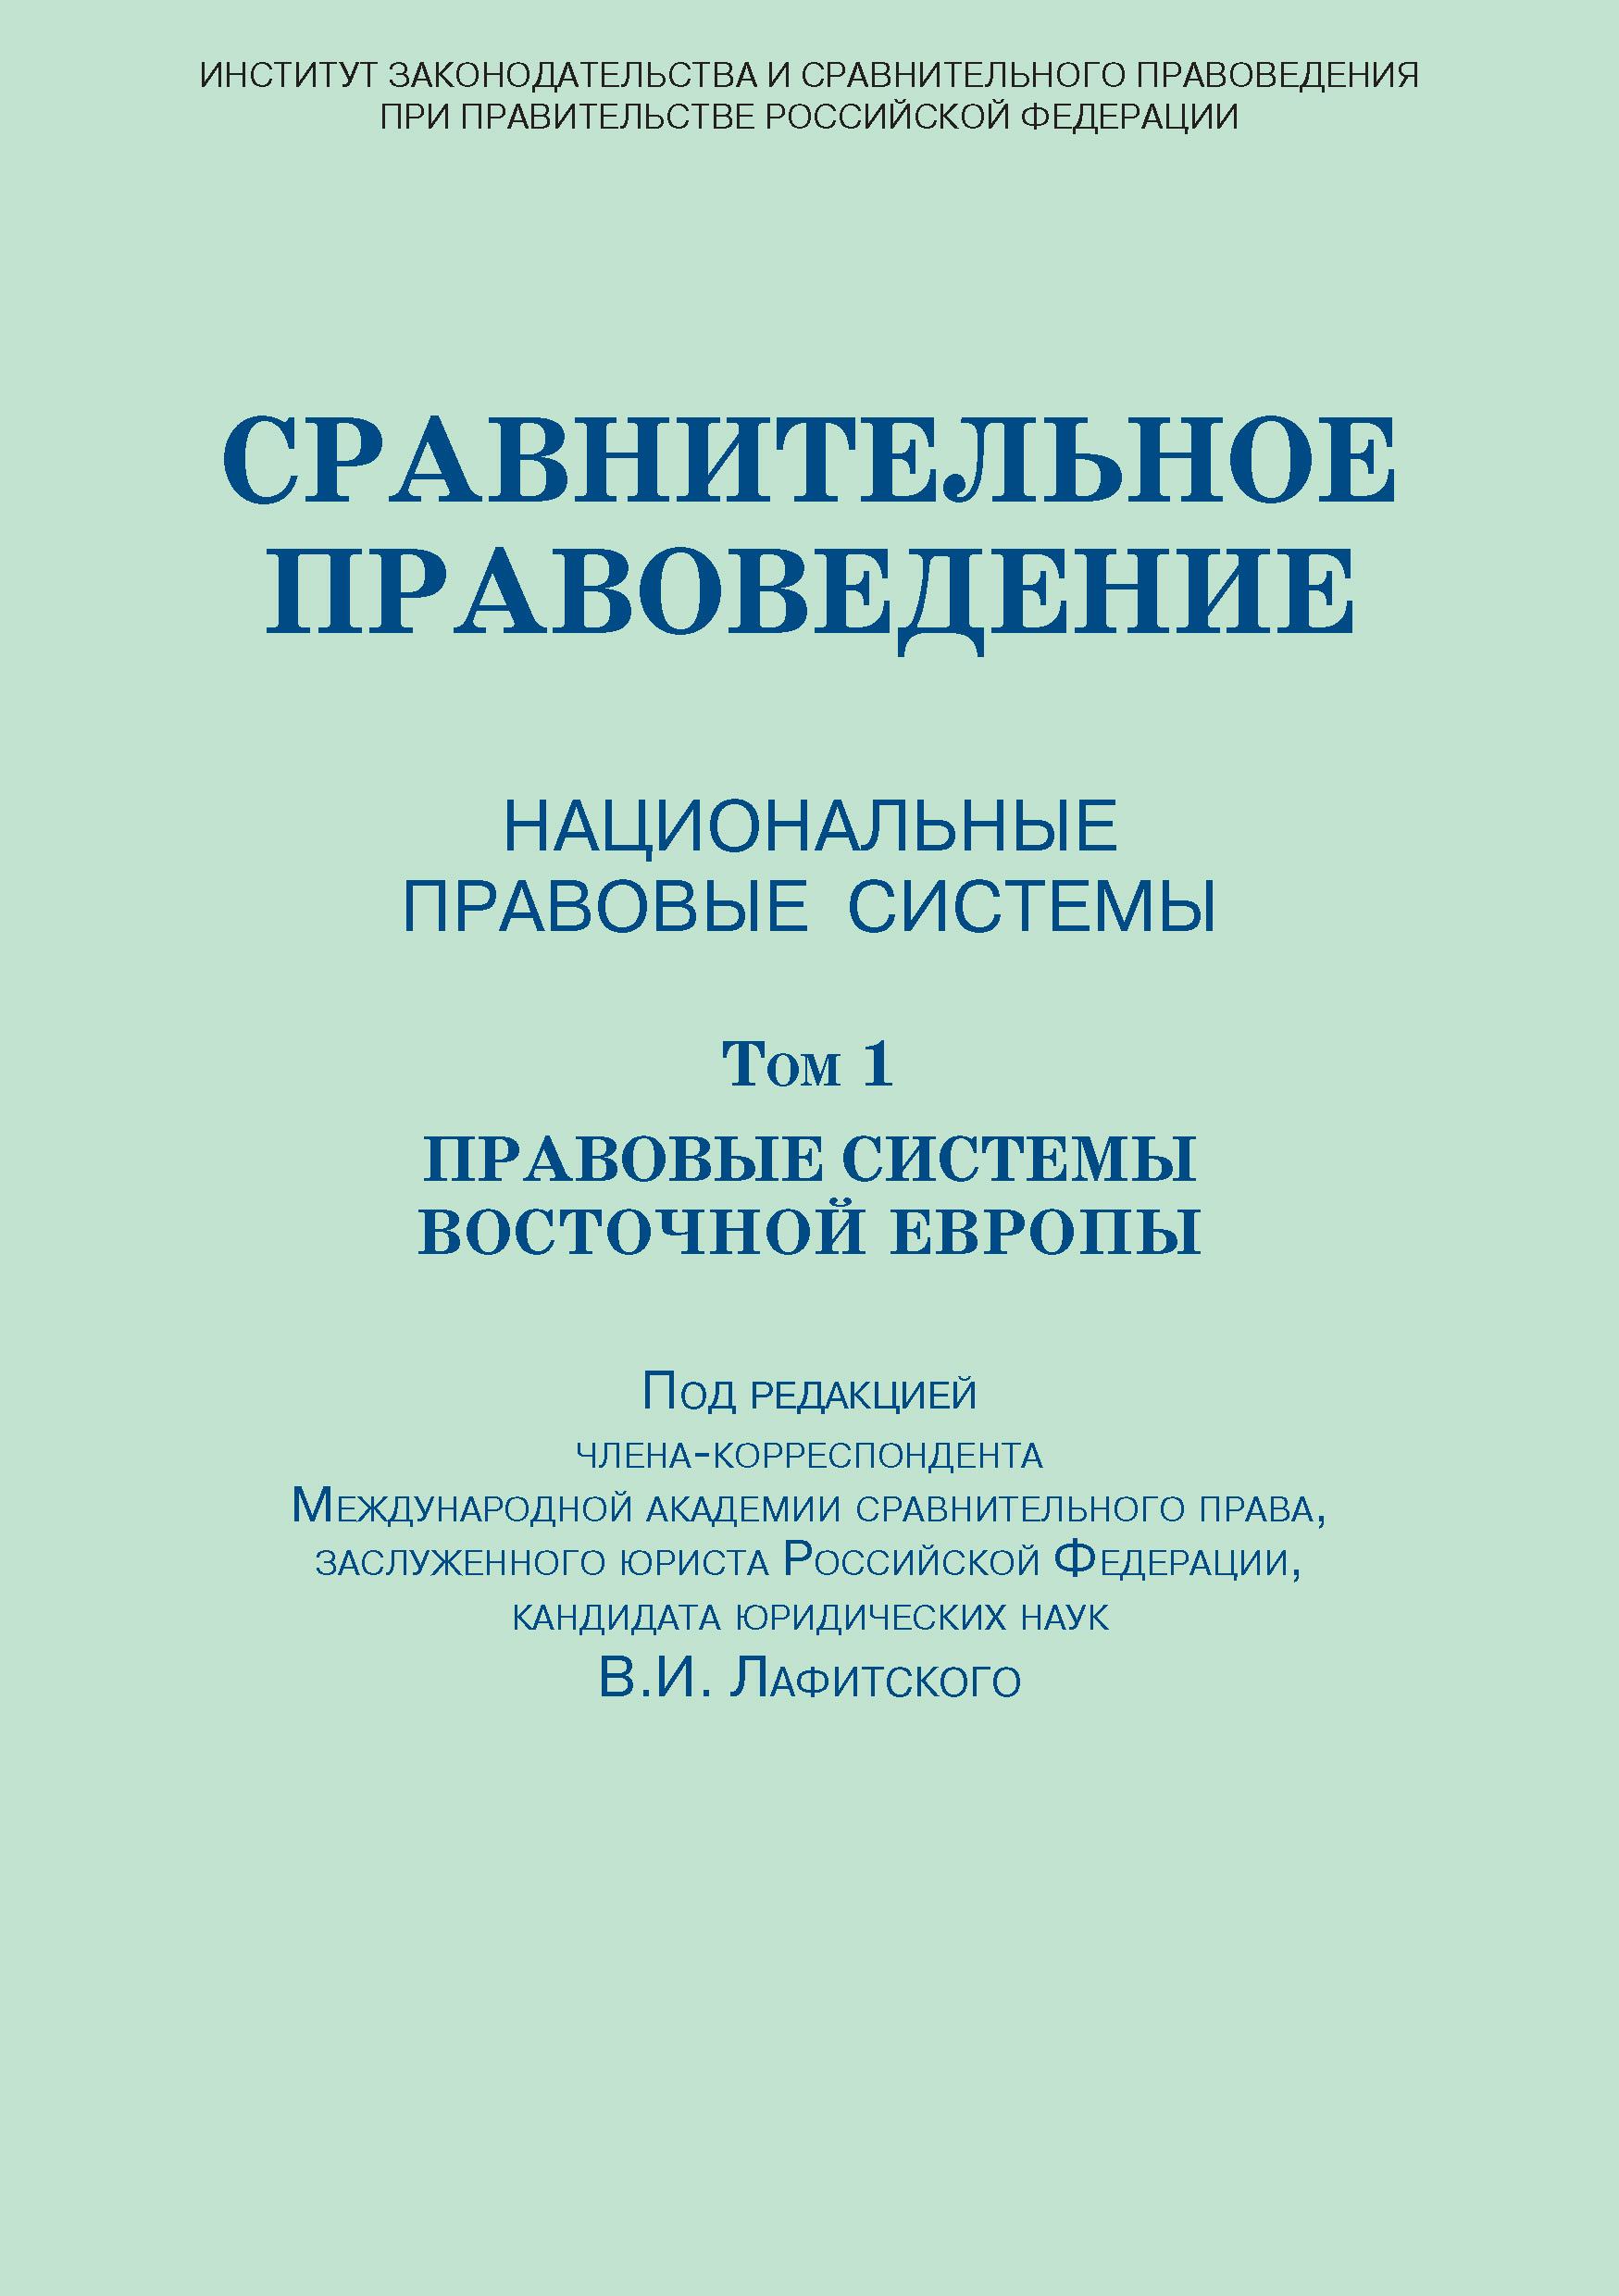 Сравнительное правоведение. Национальные правовые системы. Том 1. Правовые системы Восточной Европы